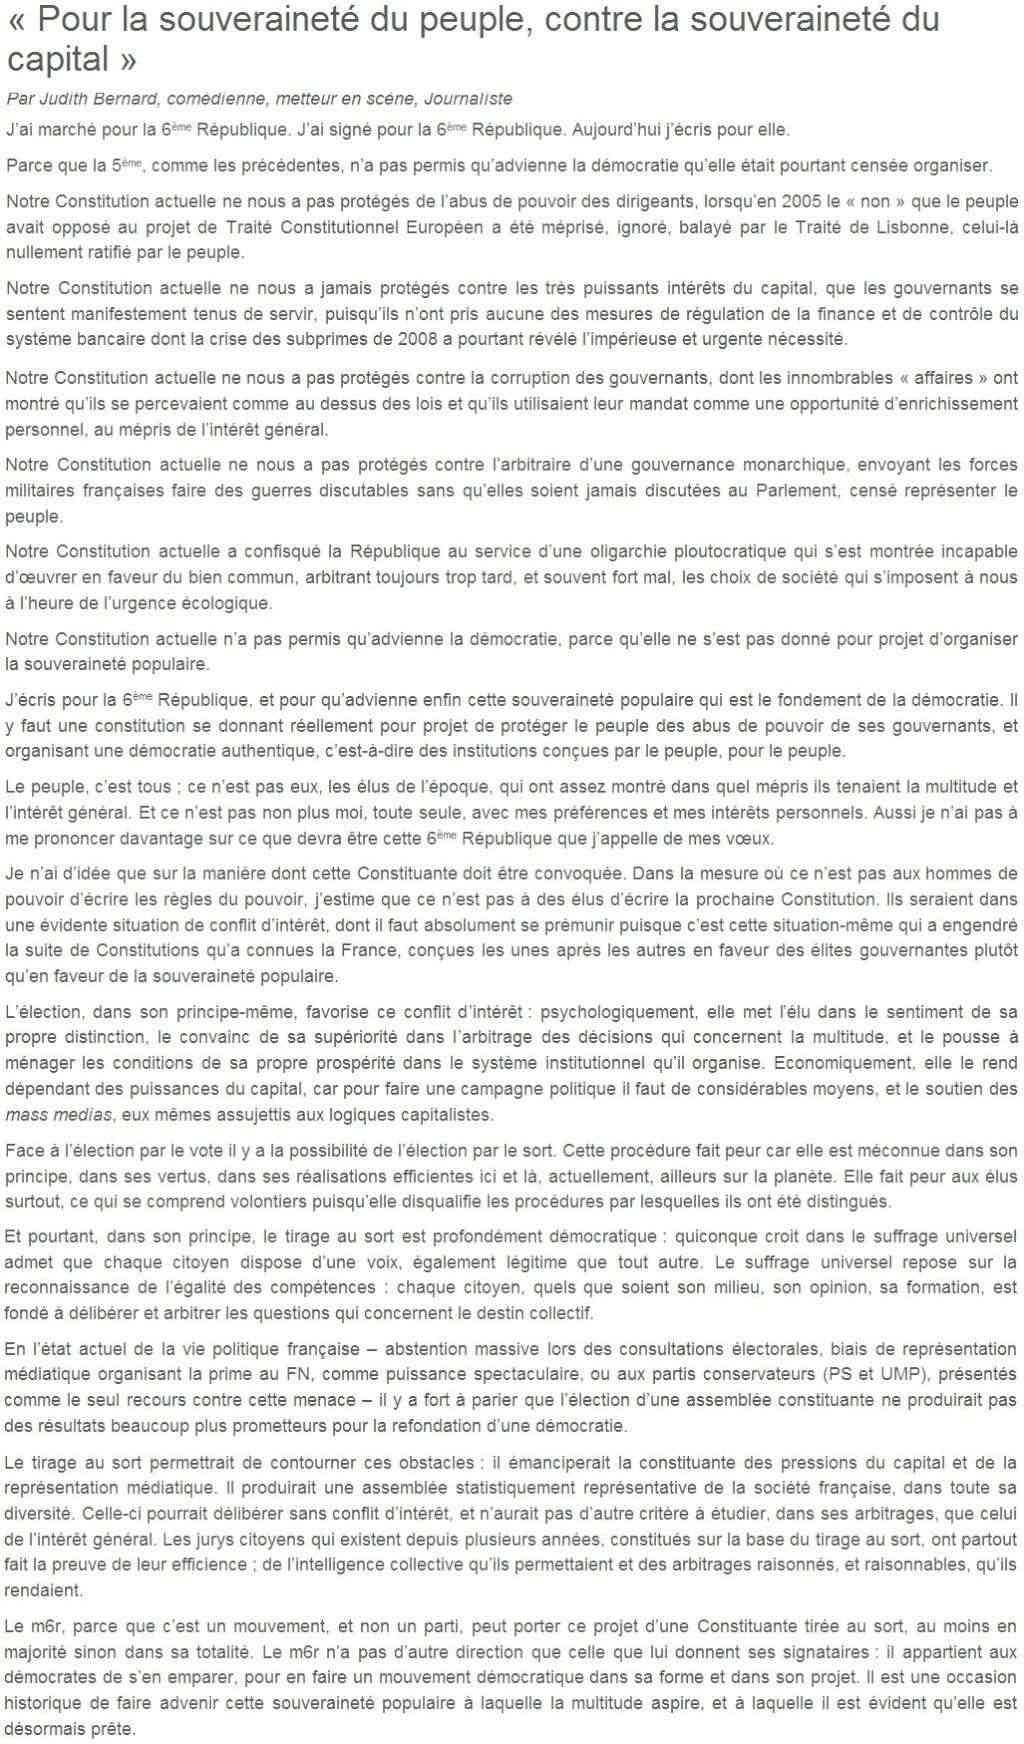 Je signe pour la 6e République + Déclaration de Marie George Buffet + Diverses signatures et appels (politiques, associatifs, intellectuels), signatures collectives (Socialistes affligés, militants PCF, Nouvelle Donne, syndicalistes)  12_pou10